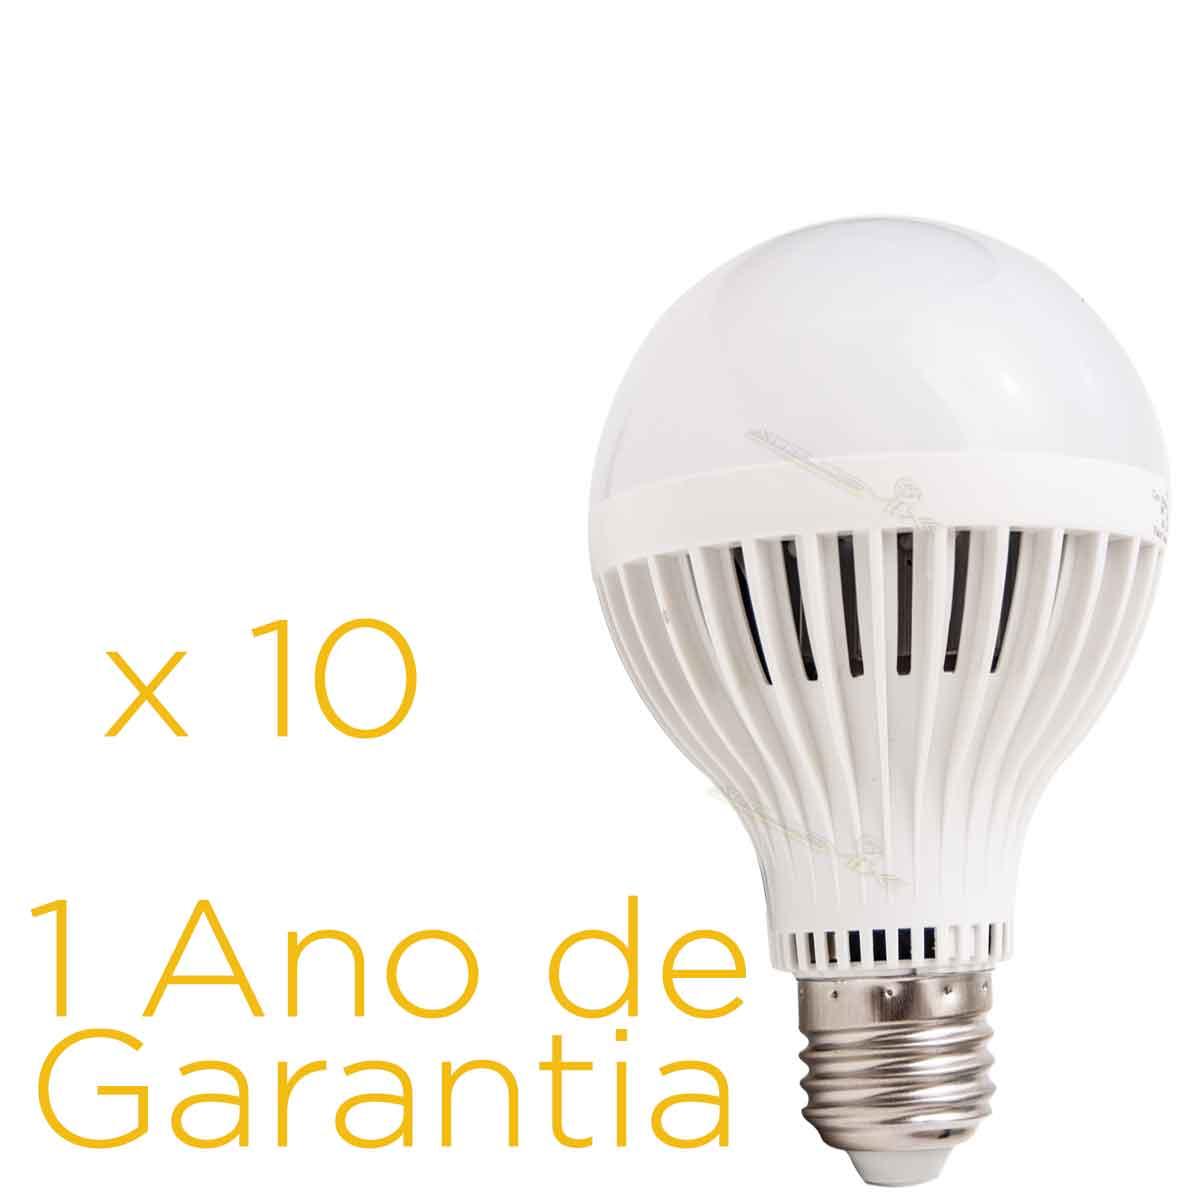 Kit 10 Lâmpadas Led 9w E27 Bulbo Bi-volt 90% Mais Econômico